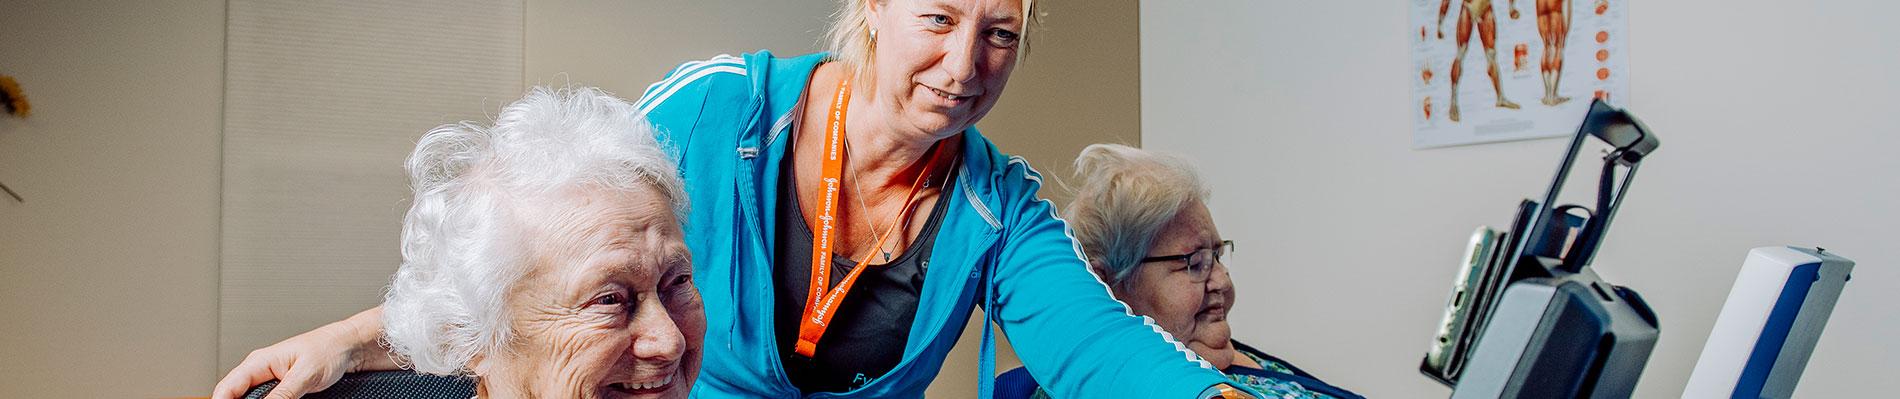 Twee vrouwen krijgen fysiotherapie bij zorggroep Liante